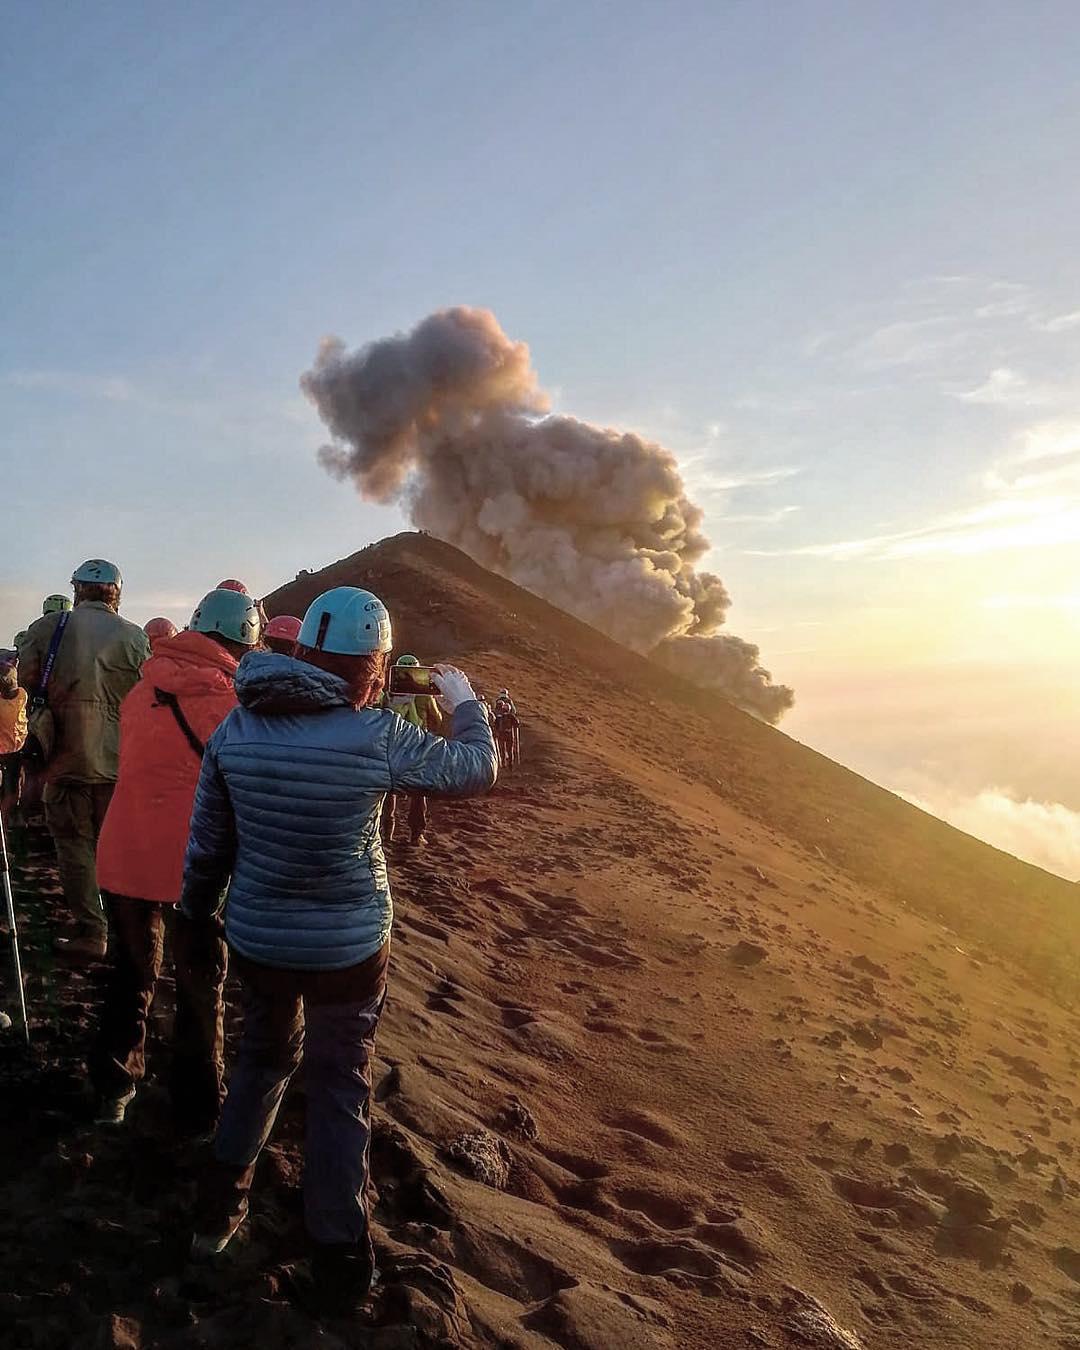 un gruppo di persone durante una escursione stromboli affrontano salita in gruppo sul vulcano